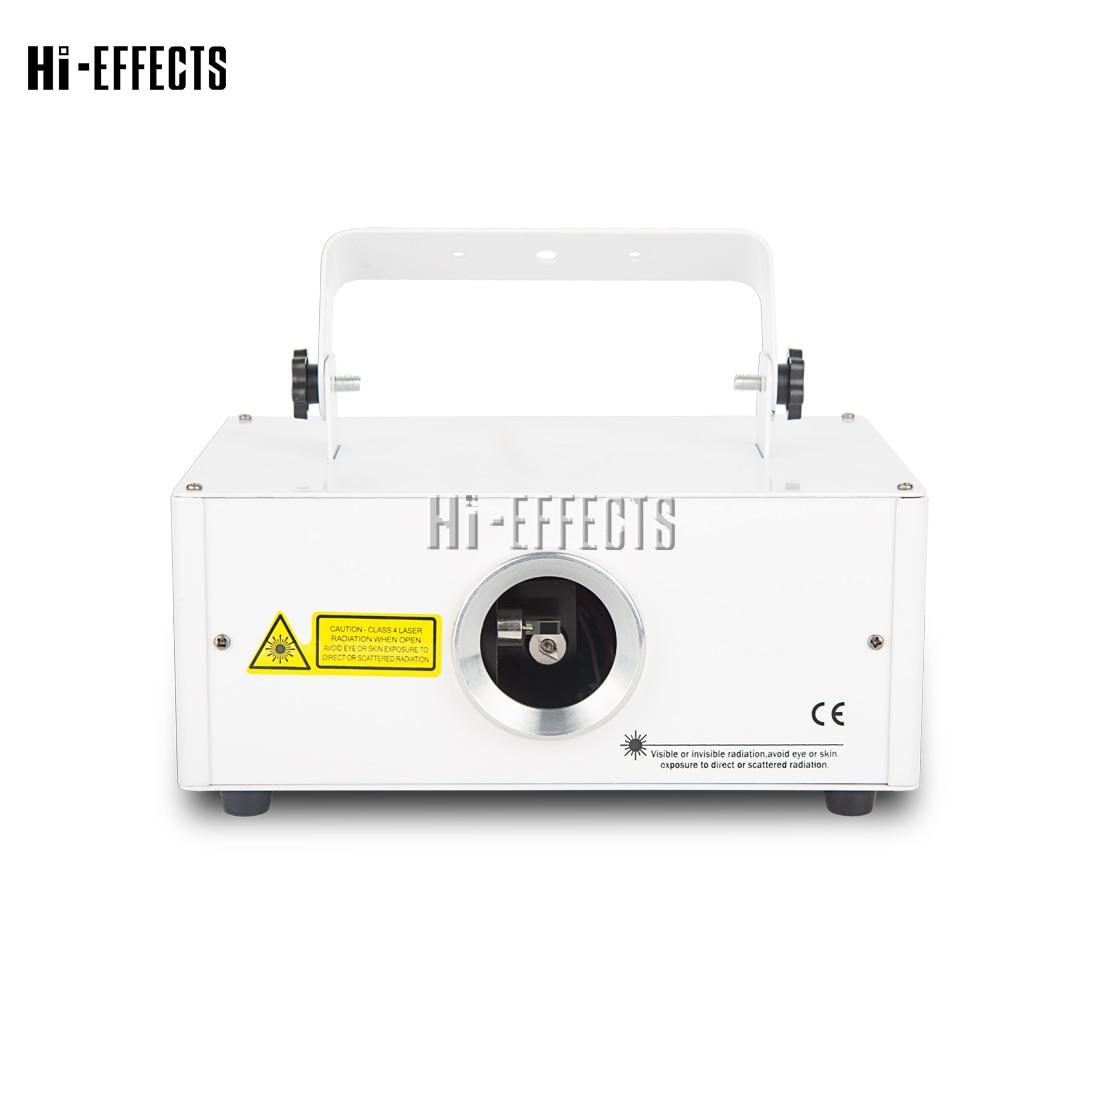 500MW RGB واحد رئيس لين ماسحة ضوئية بالليزر DMX الرسوم المتحركة العارض المرحلة الإضاءة تأثير